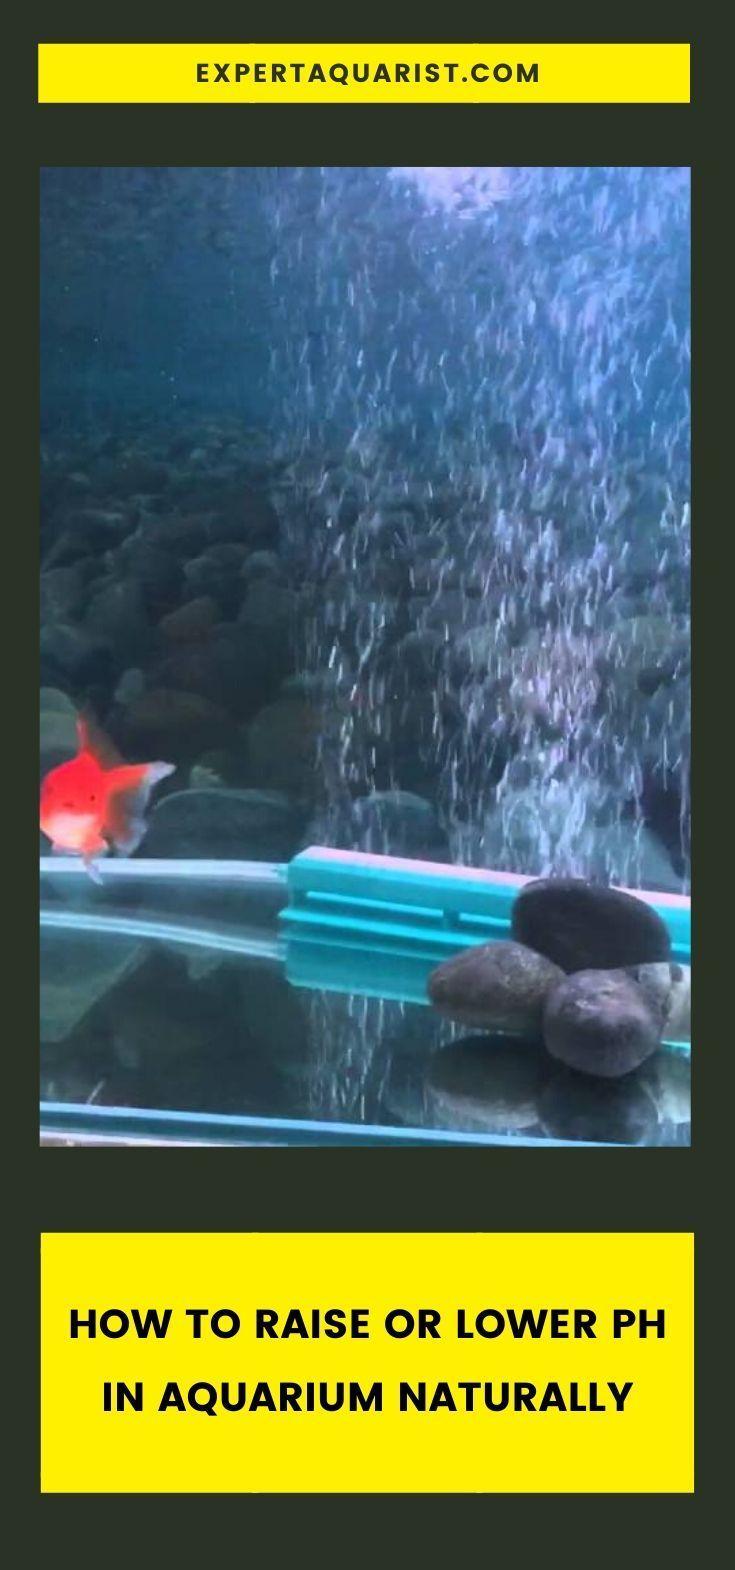 How To Raise Or Lower Ph In Aquarium Naturally Aquarium Aquarium Fish Nature